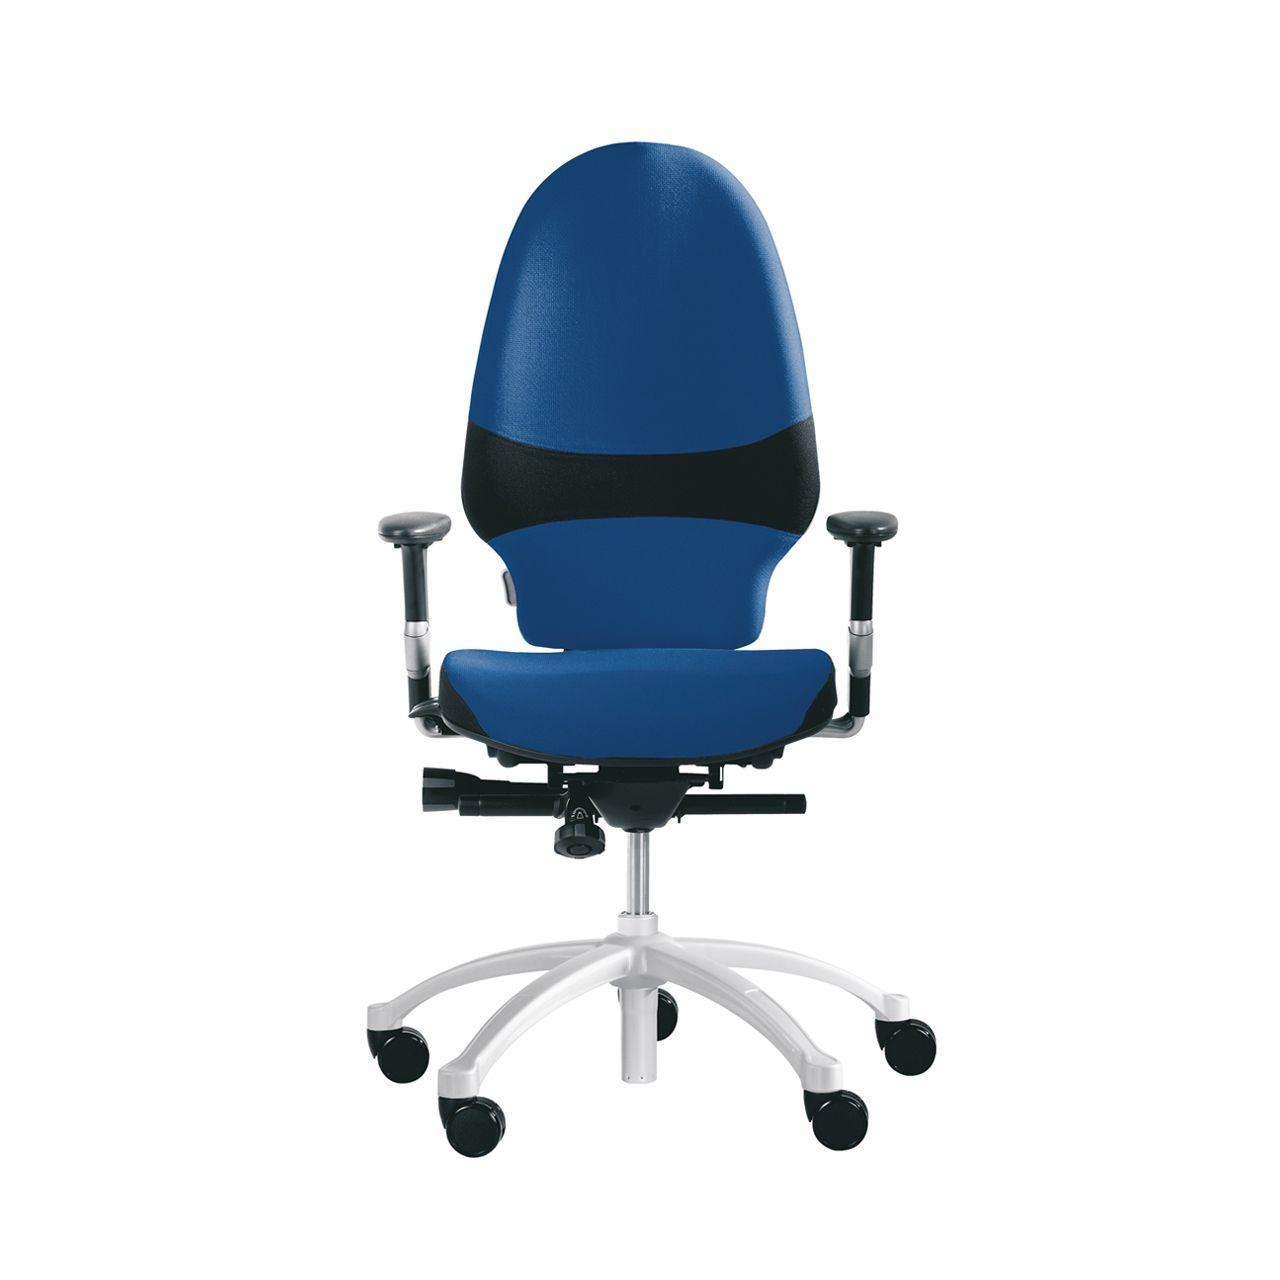 rh exrh extend large 220 bureaustoel STKAEXT203 Blauw Voorkant